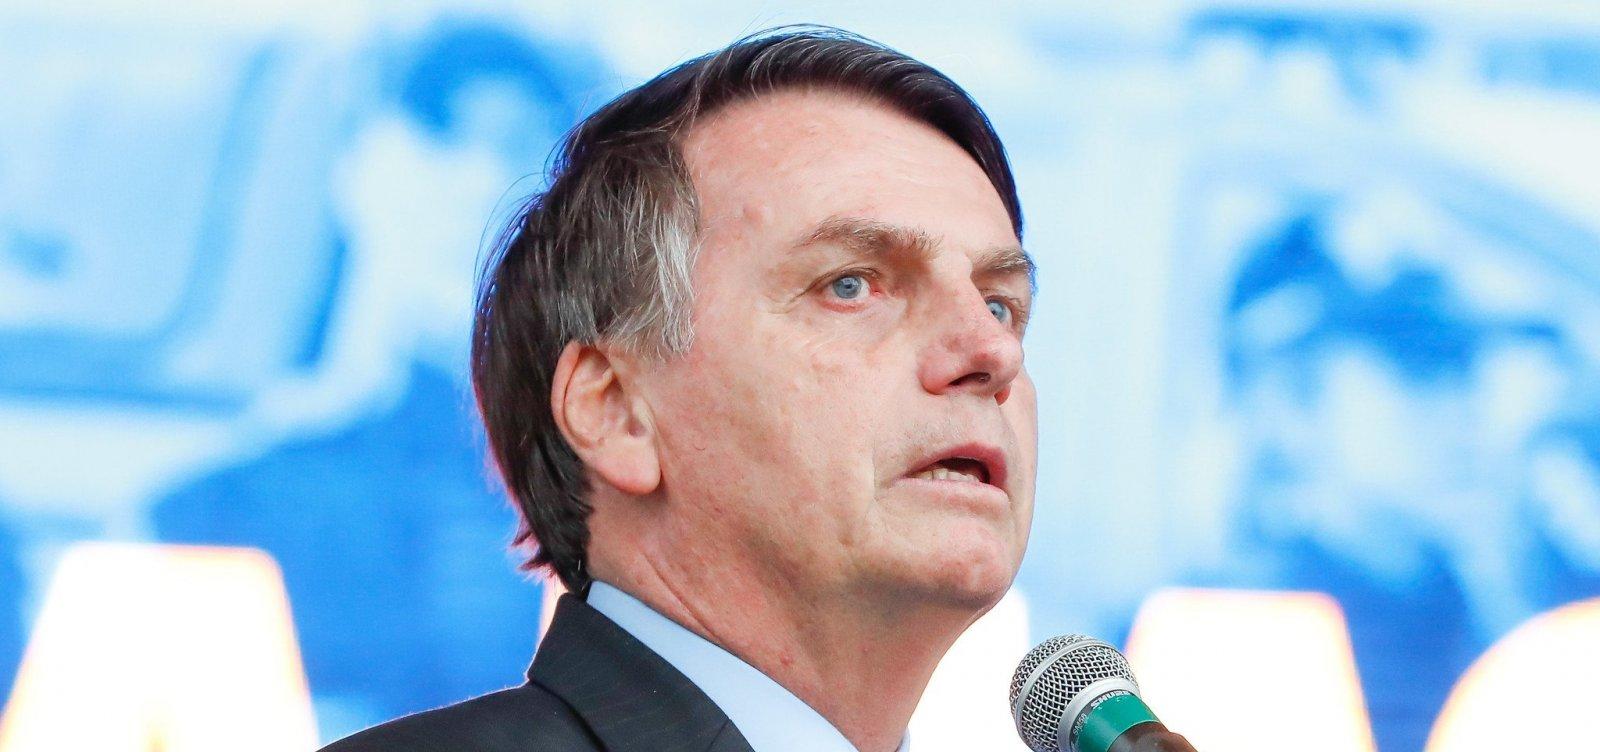 Bloco de oposição entra com notícia-crime contra Bolsonaro, filho e Moro no STF